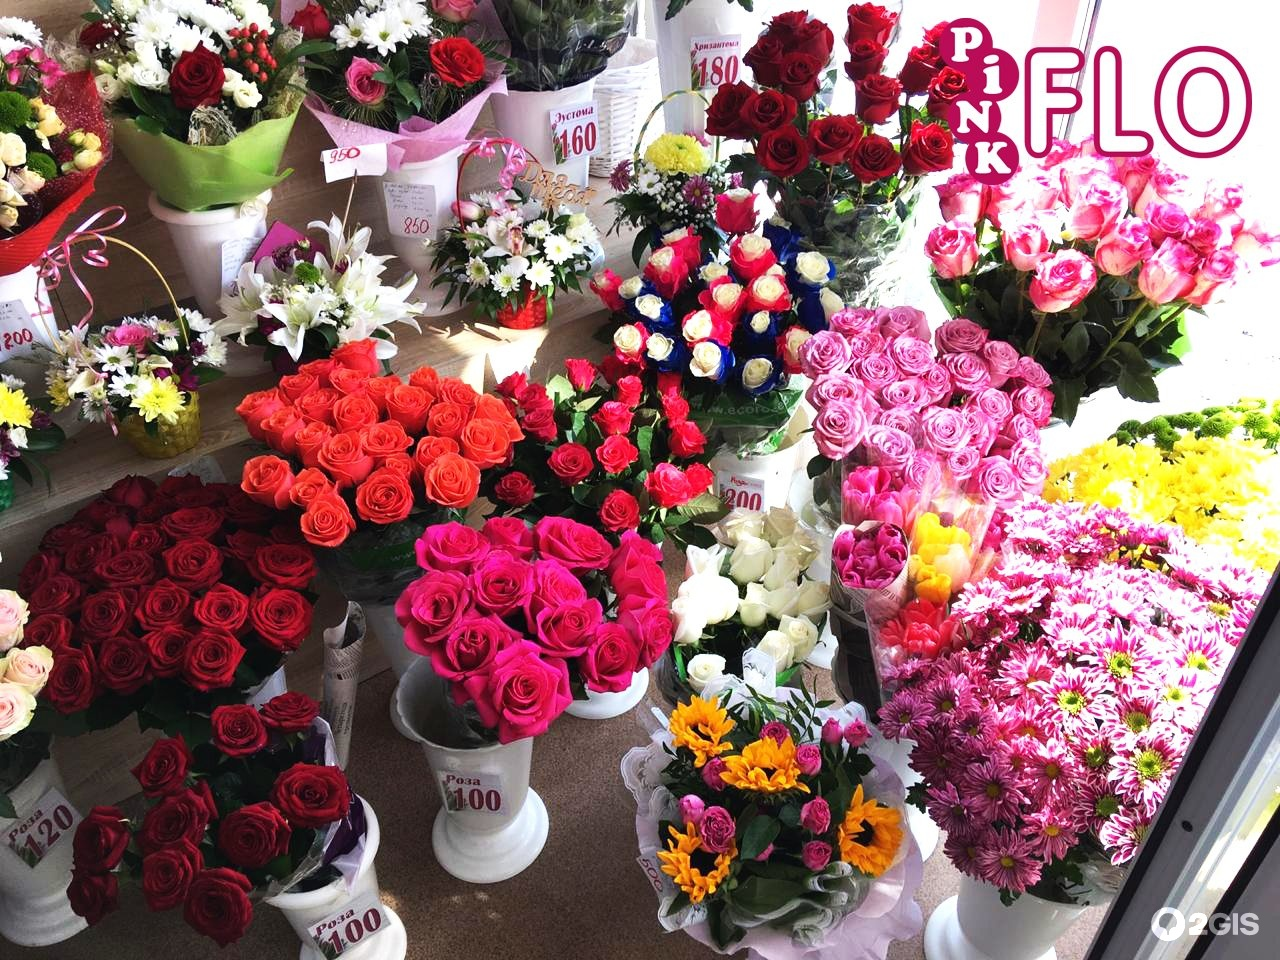 Интернет магазин, покупка цветы оптом днепропетровск купить